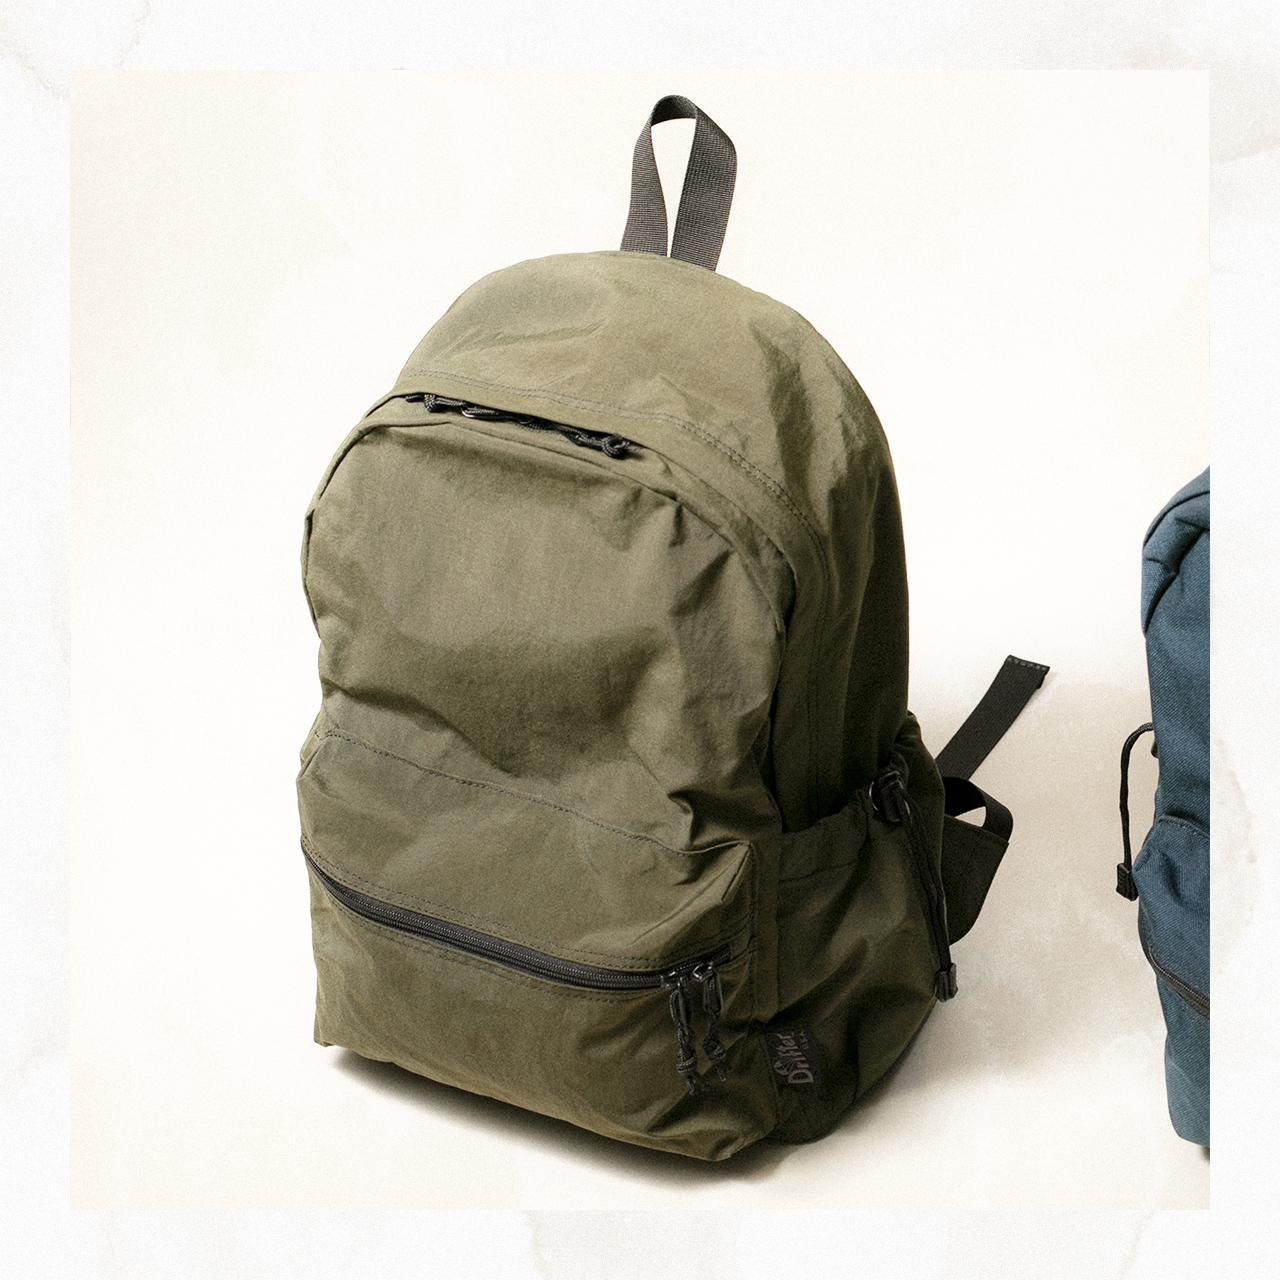 drifter-classic-pack-sakt-shrink-nylon